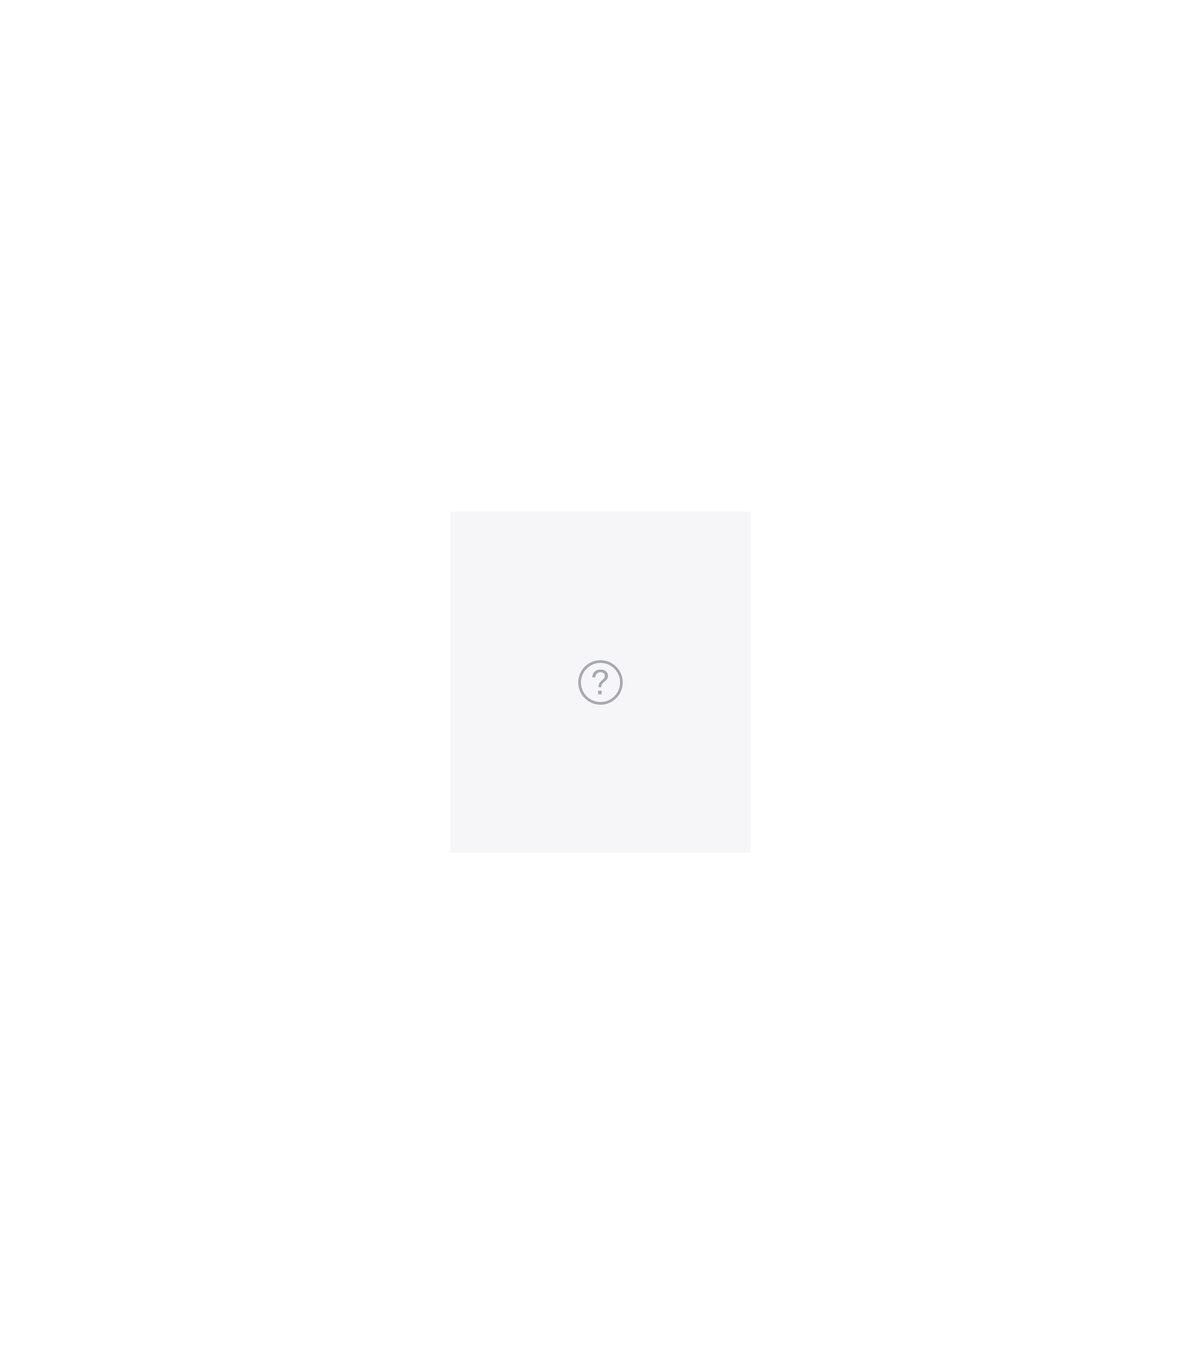 حلق دبوس كيرا /022/ حلق دبوس